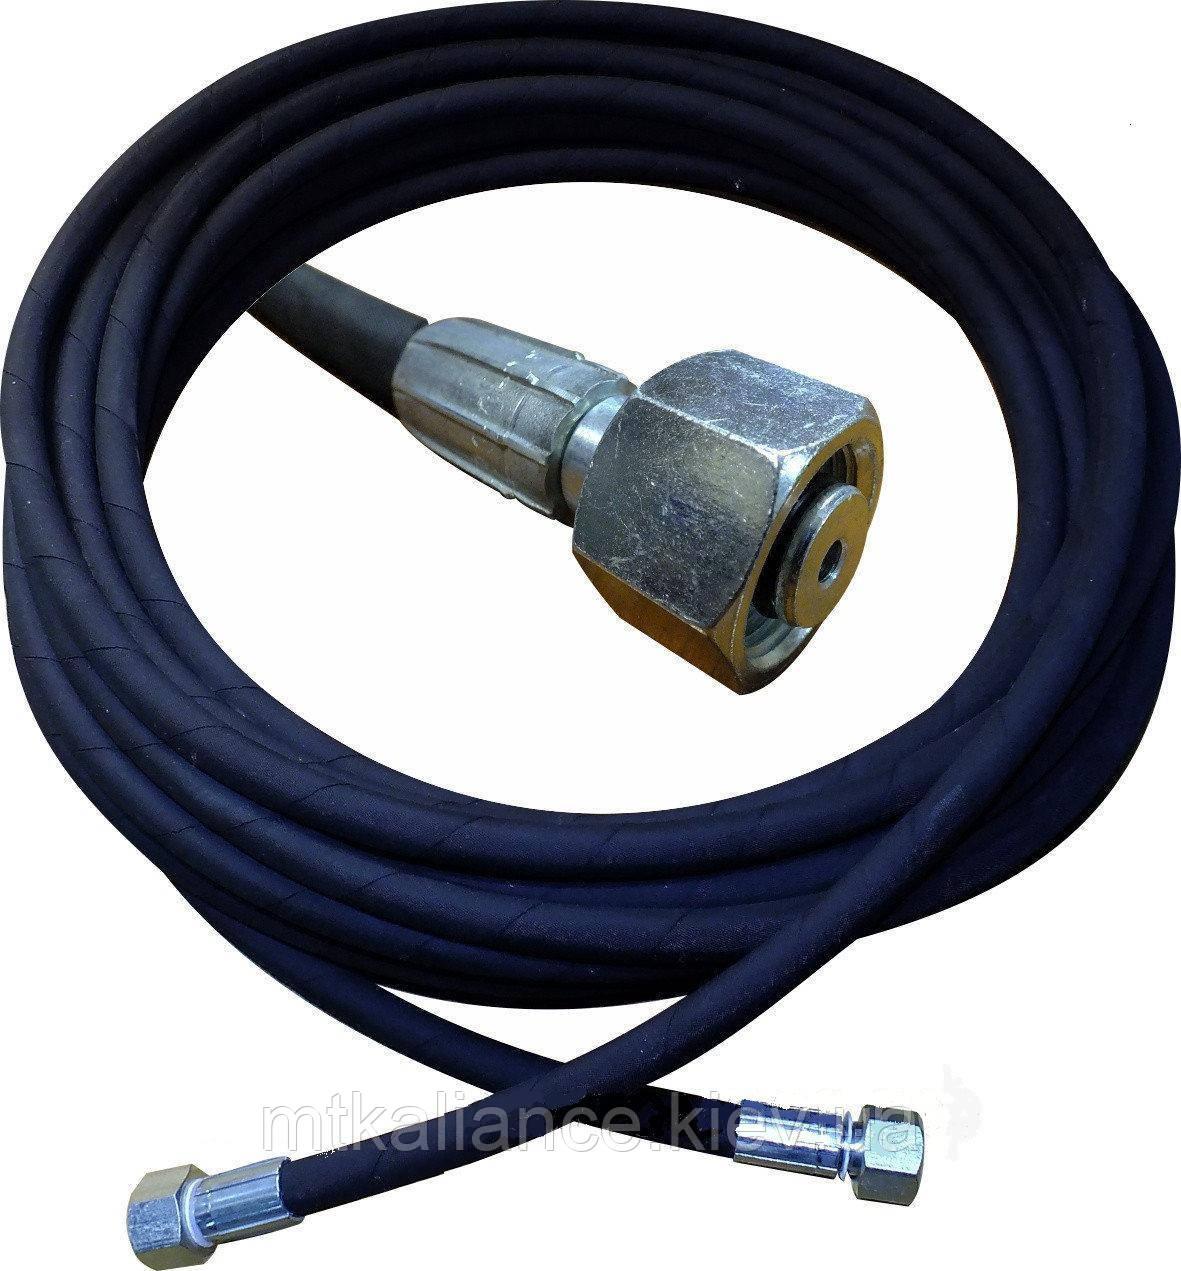 Шланг високого тиску АВД 500 бар 20 м